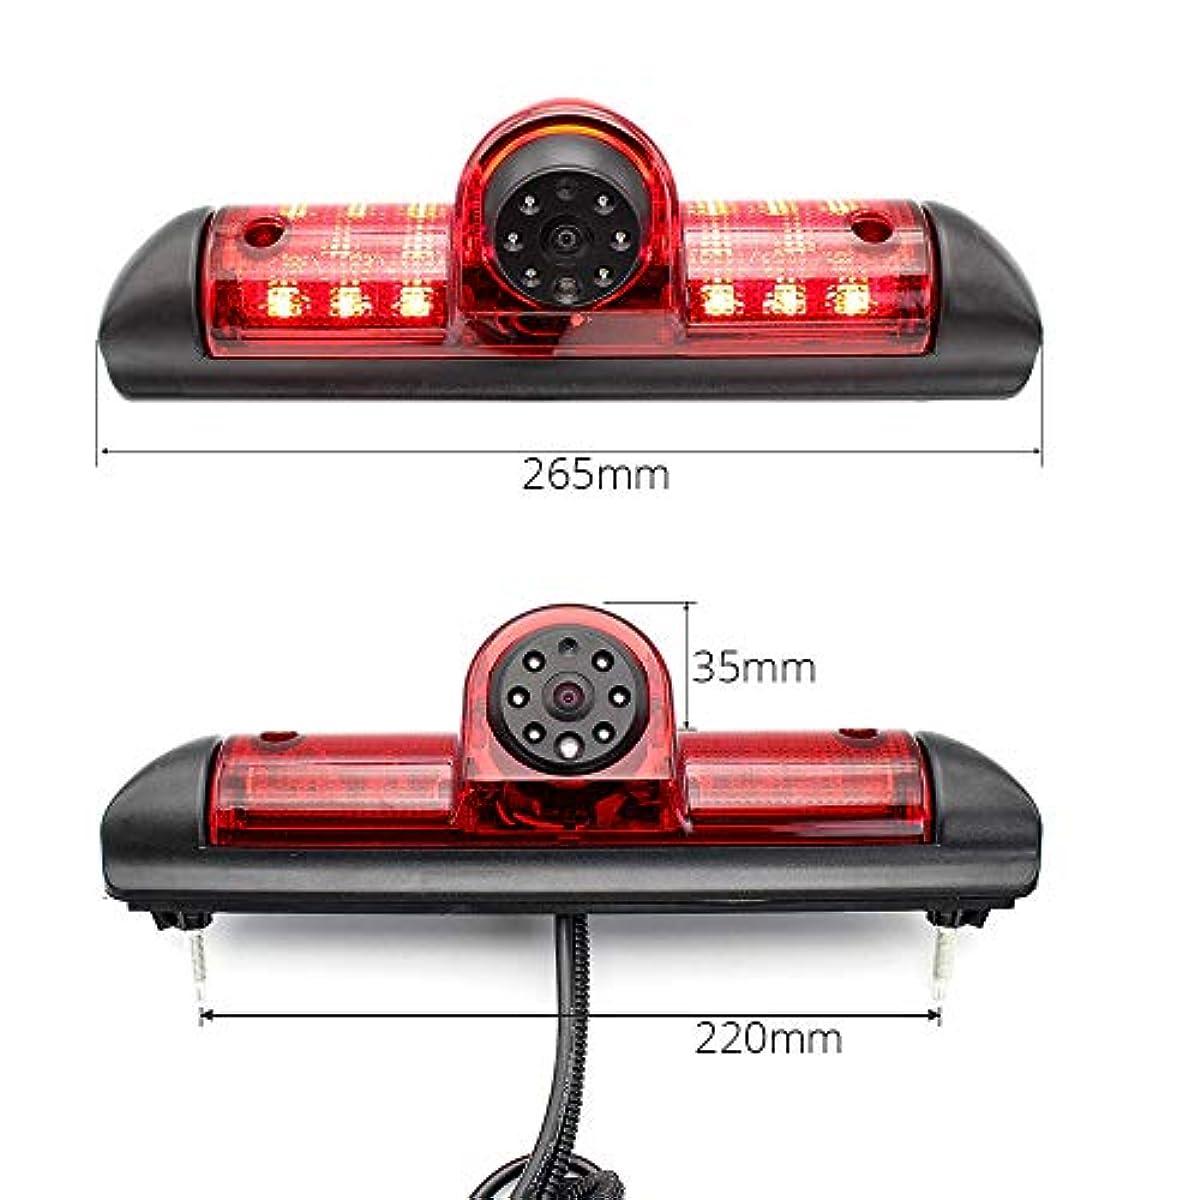 r ckfahrkamera transporter kamera an 3 bremsleuchte. Black Bedroom Furniture Sets. Home Design Ideas